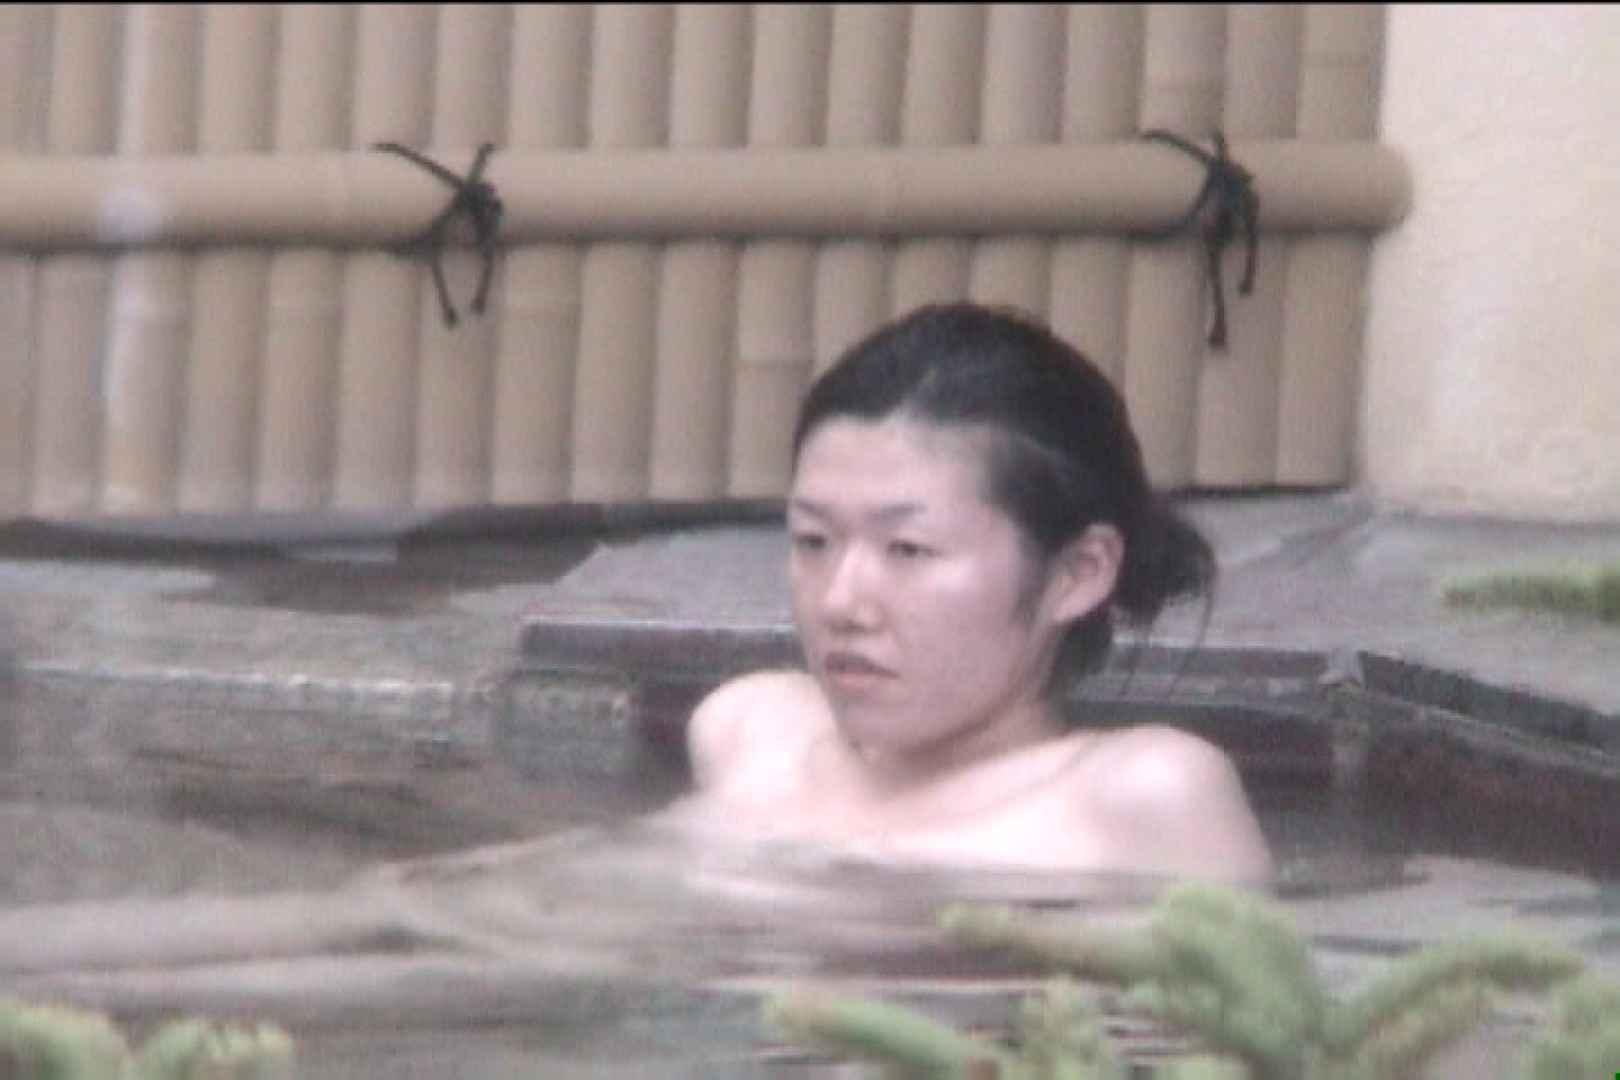 Aquaな露天風呂Vol.93【VIP限定】 盗撮シリーズ  76PIX 62